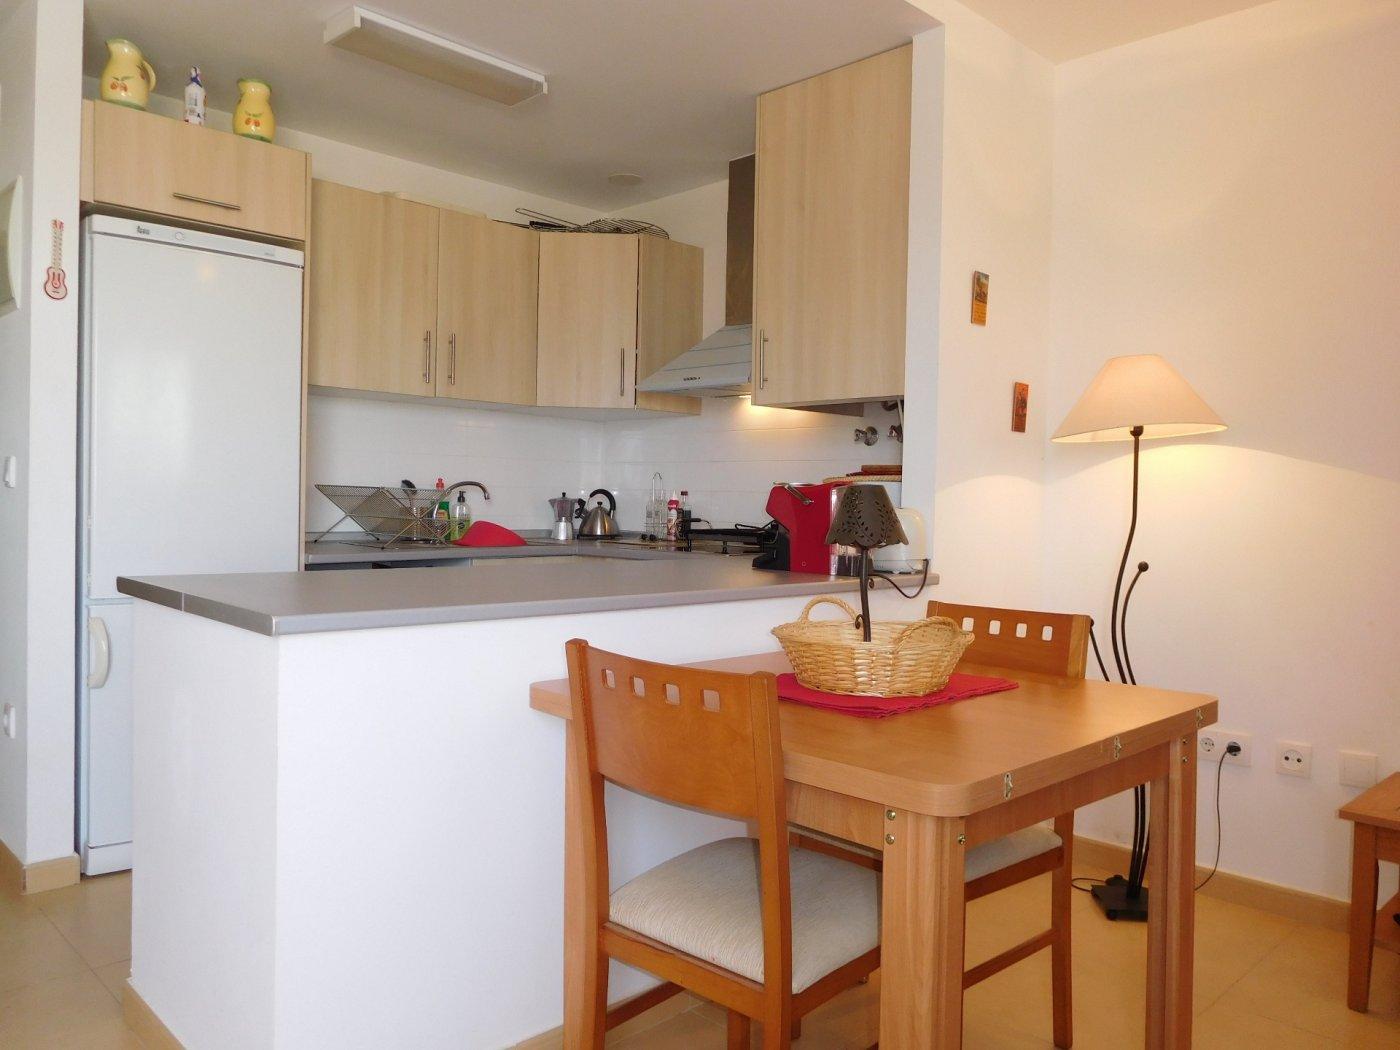 Image 5 Apartment ref 3265-02752 for rent in Condado De Alhama Spain - Quality Homes Costa Cálida